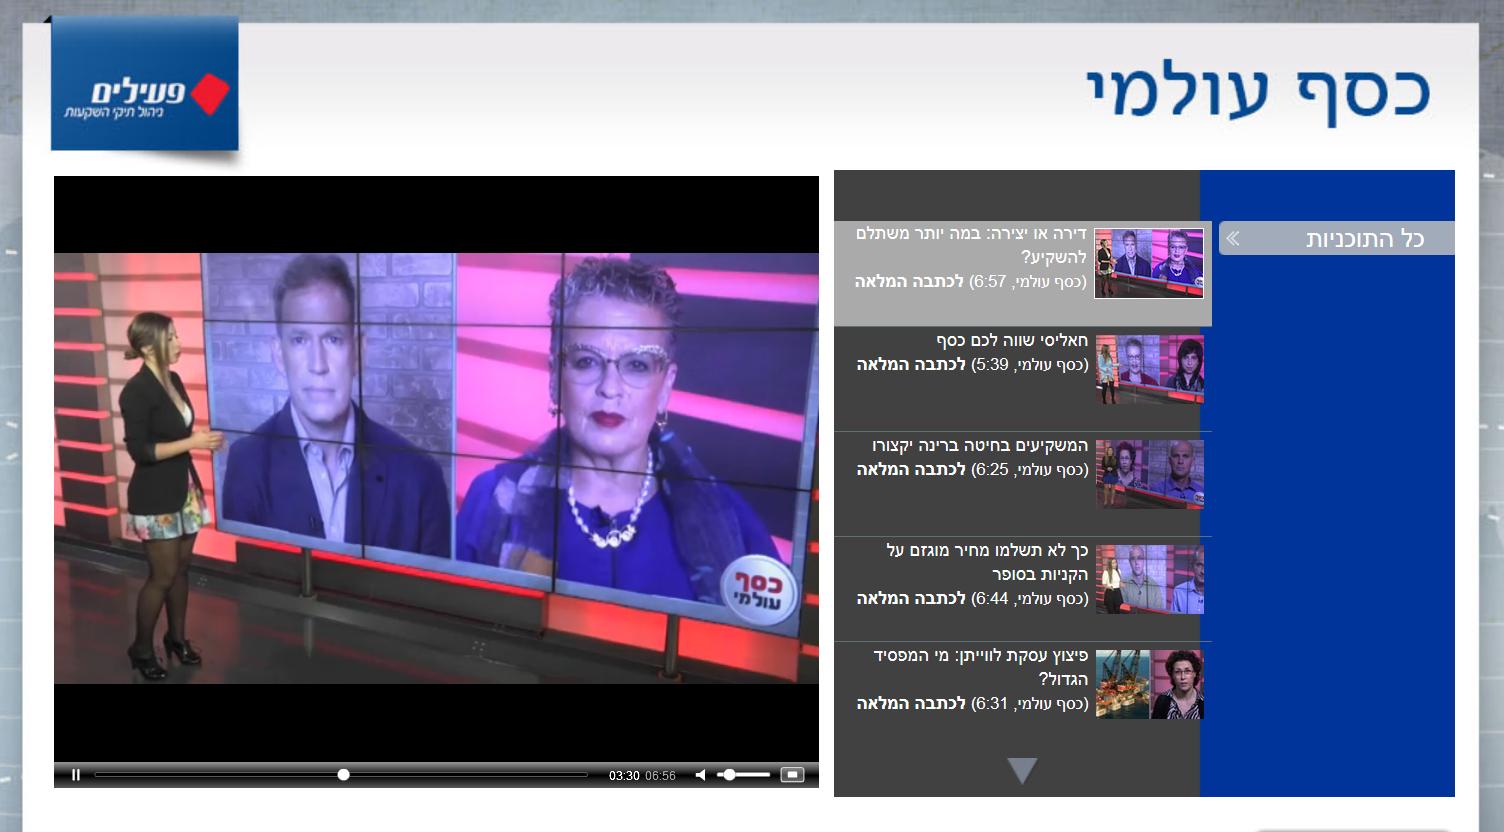 """ערוץ """"כסף עולמי"""" ב-ynet, הפועל בחסות בית-ההשקעות פעילים של בנק הפועלים (צילום מסך)"""